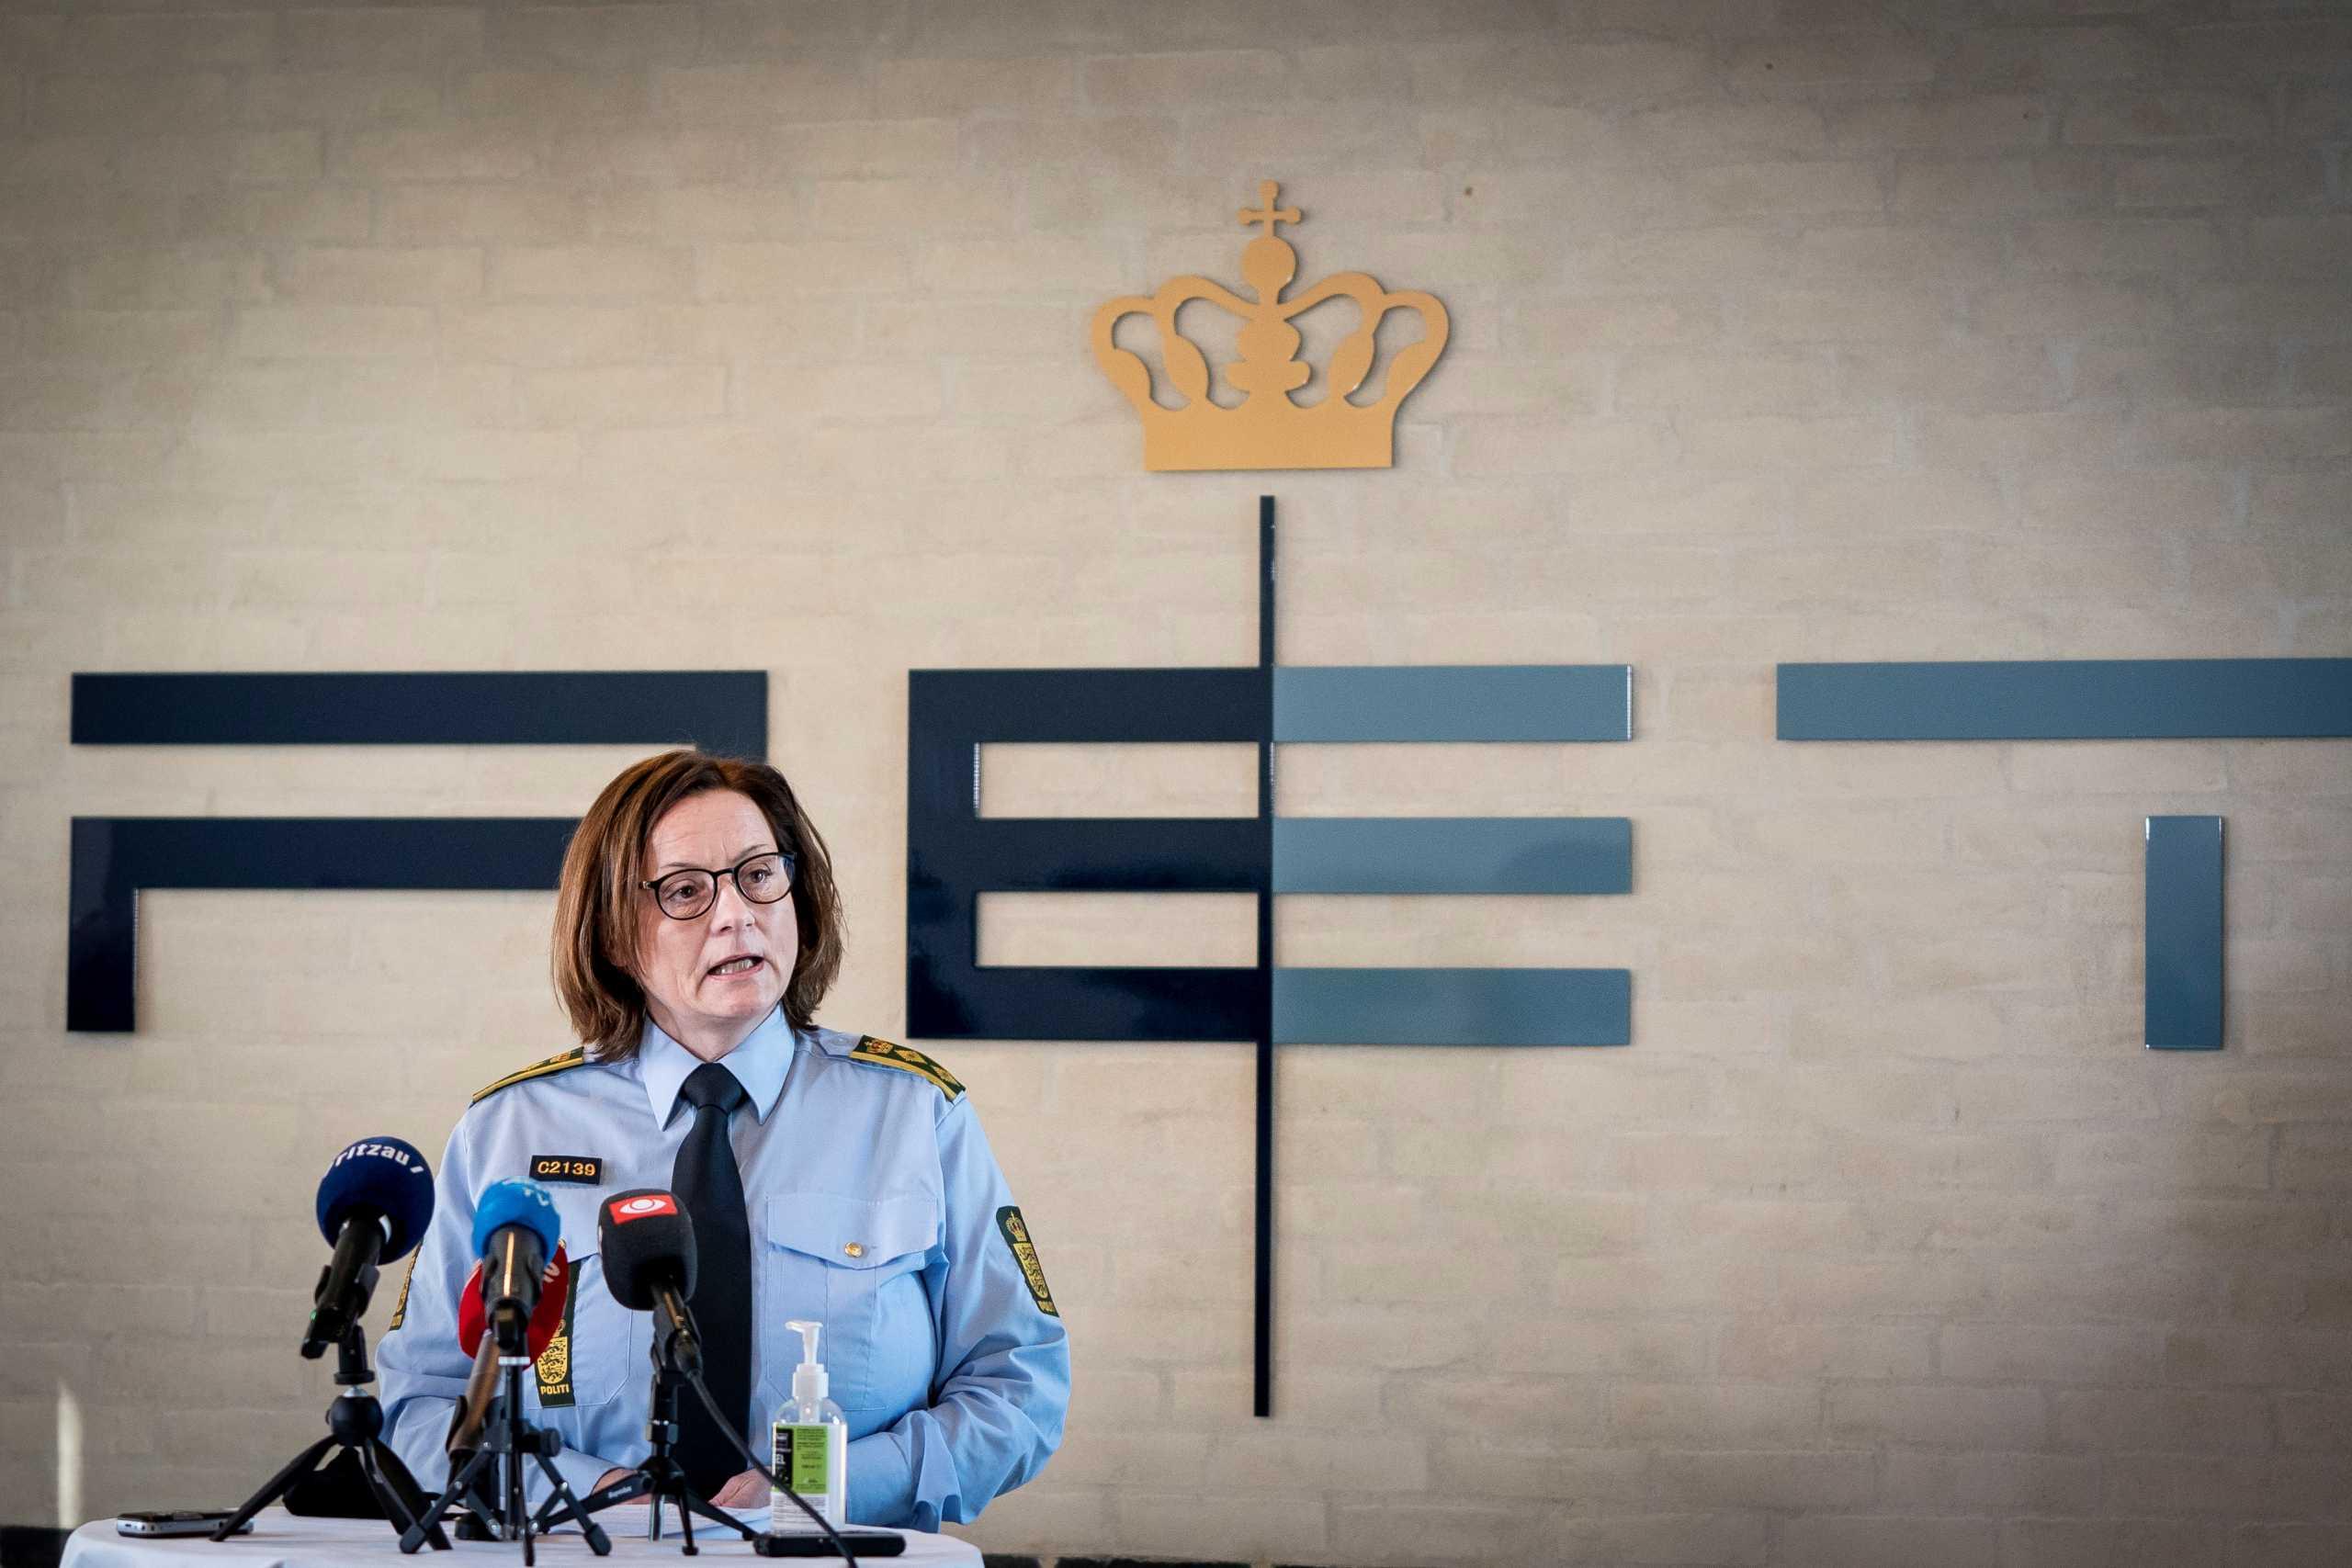 Δανία: Συνελήφθησαν 13 άτομα που συνδέονται με τον ισλαμισμό – Σχεδίαζαν επιθέσεις με εκρηκτικά